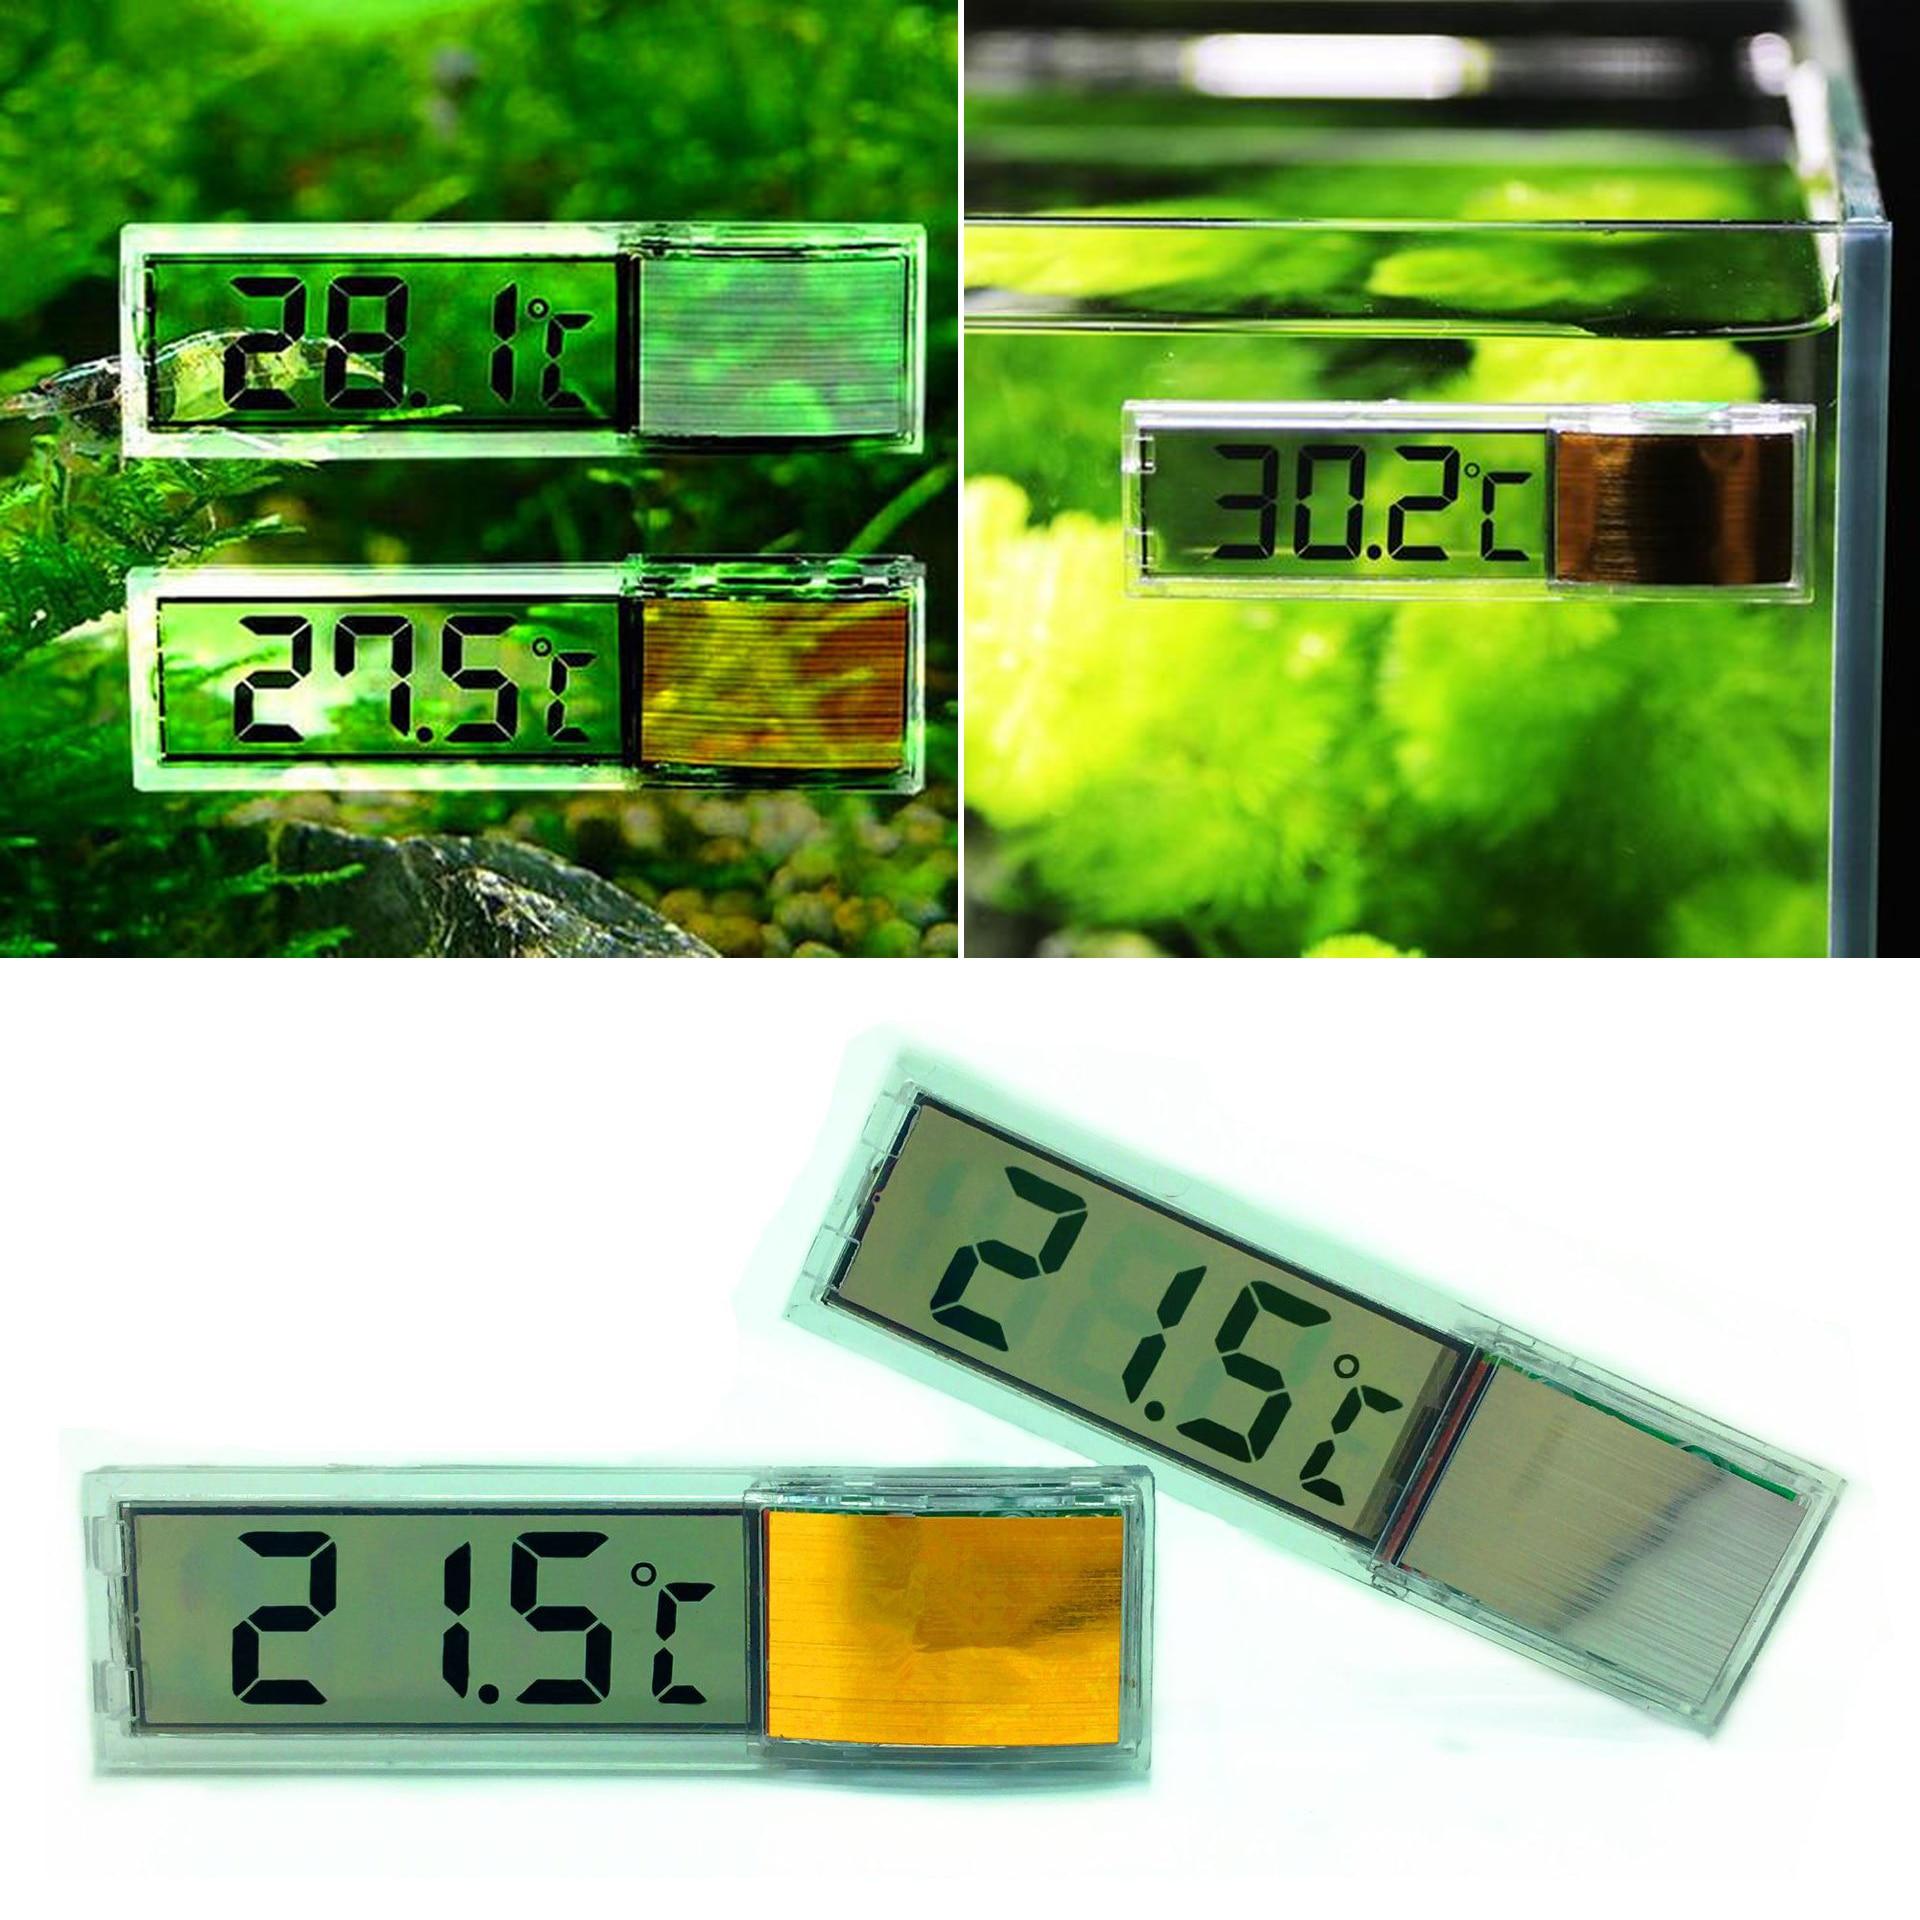 Aquarium Thermometer New Multi-Functional LCD 3D Digital Electronic Temperature Measurement Fish Tank Temp Meter